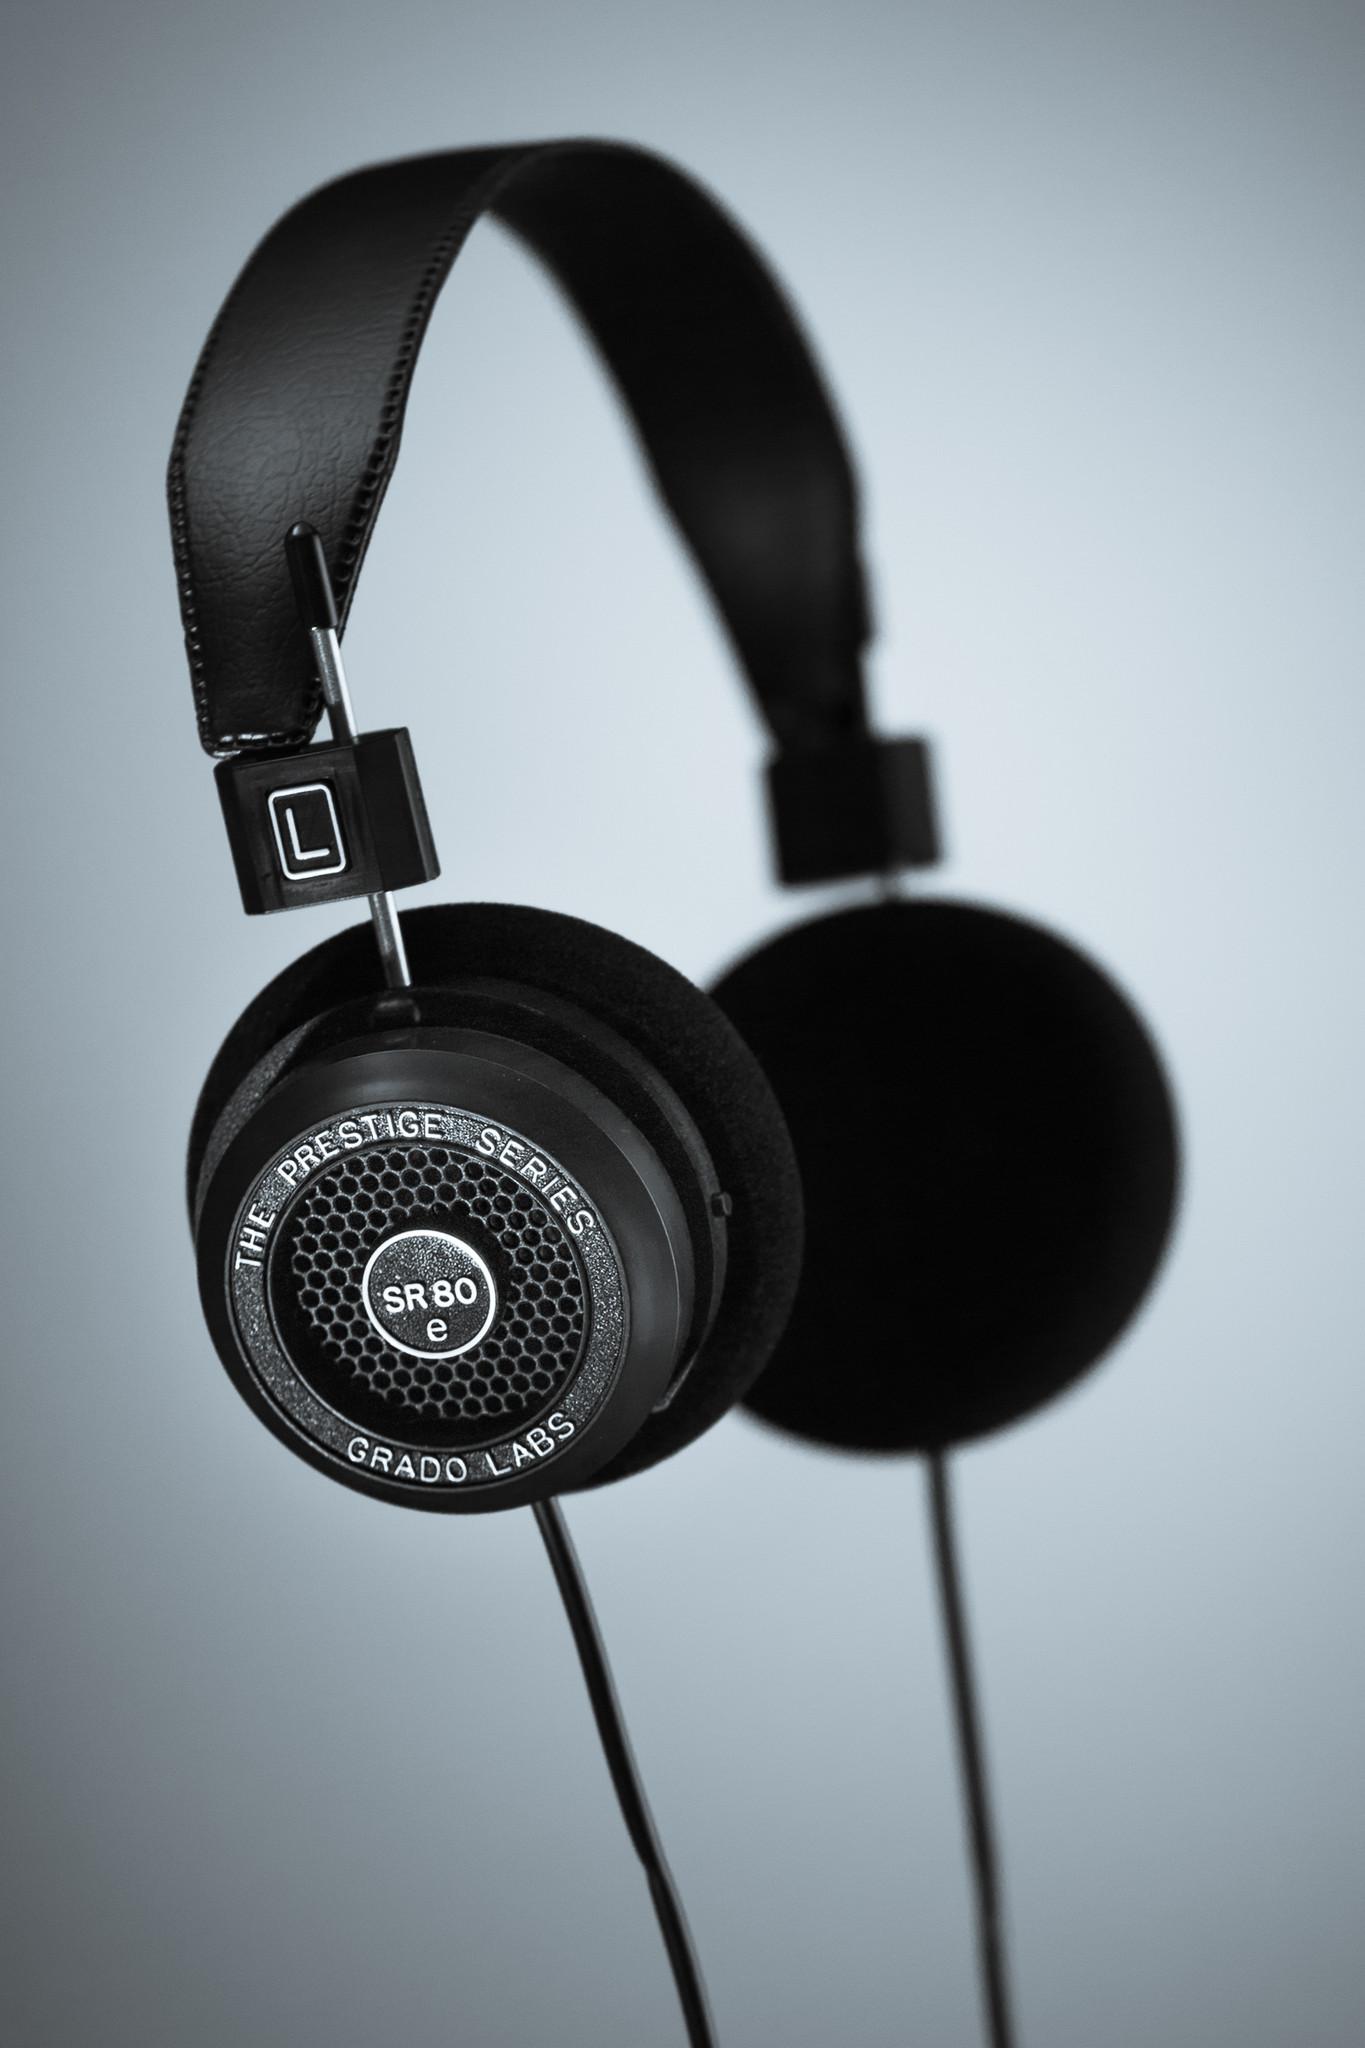 Grado SR80e หูฟัง Fullsize รายละเอียดระดับเทพ สุดคุ้มจากอเมริกา